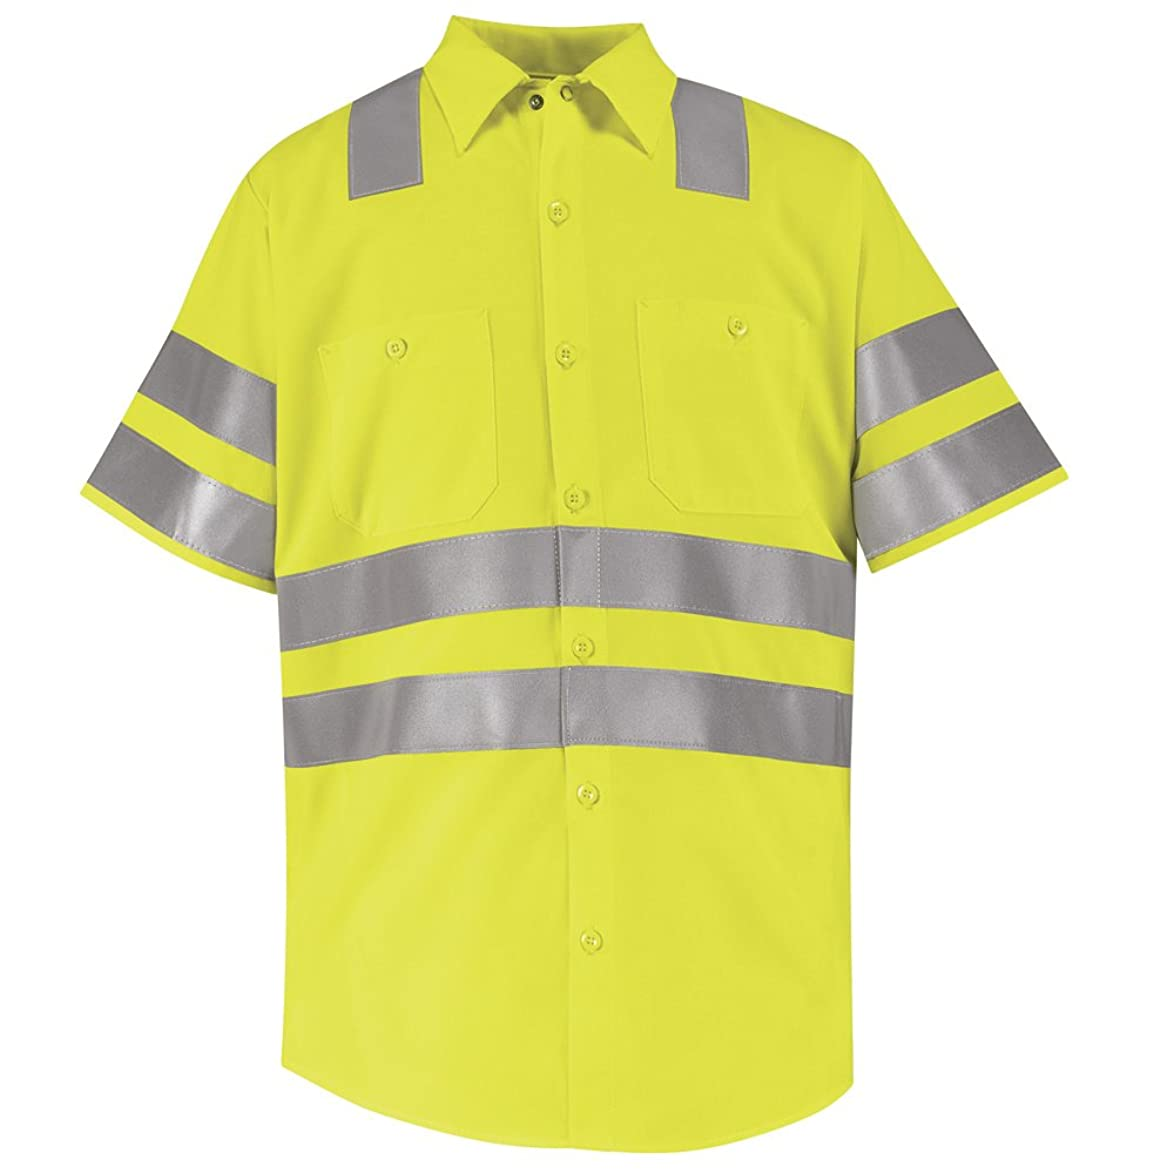 高層ビル行う接ぎ木Red Kap hi-visibility作業シャツ?–?クラス3レベル2、蛍光イエロー/グリーン、sslxl